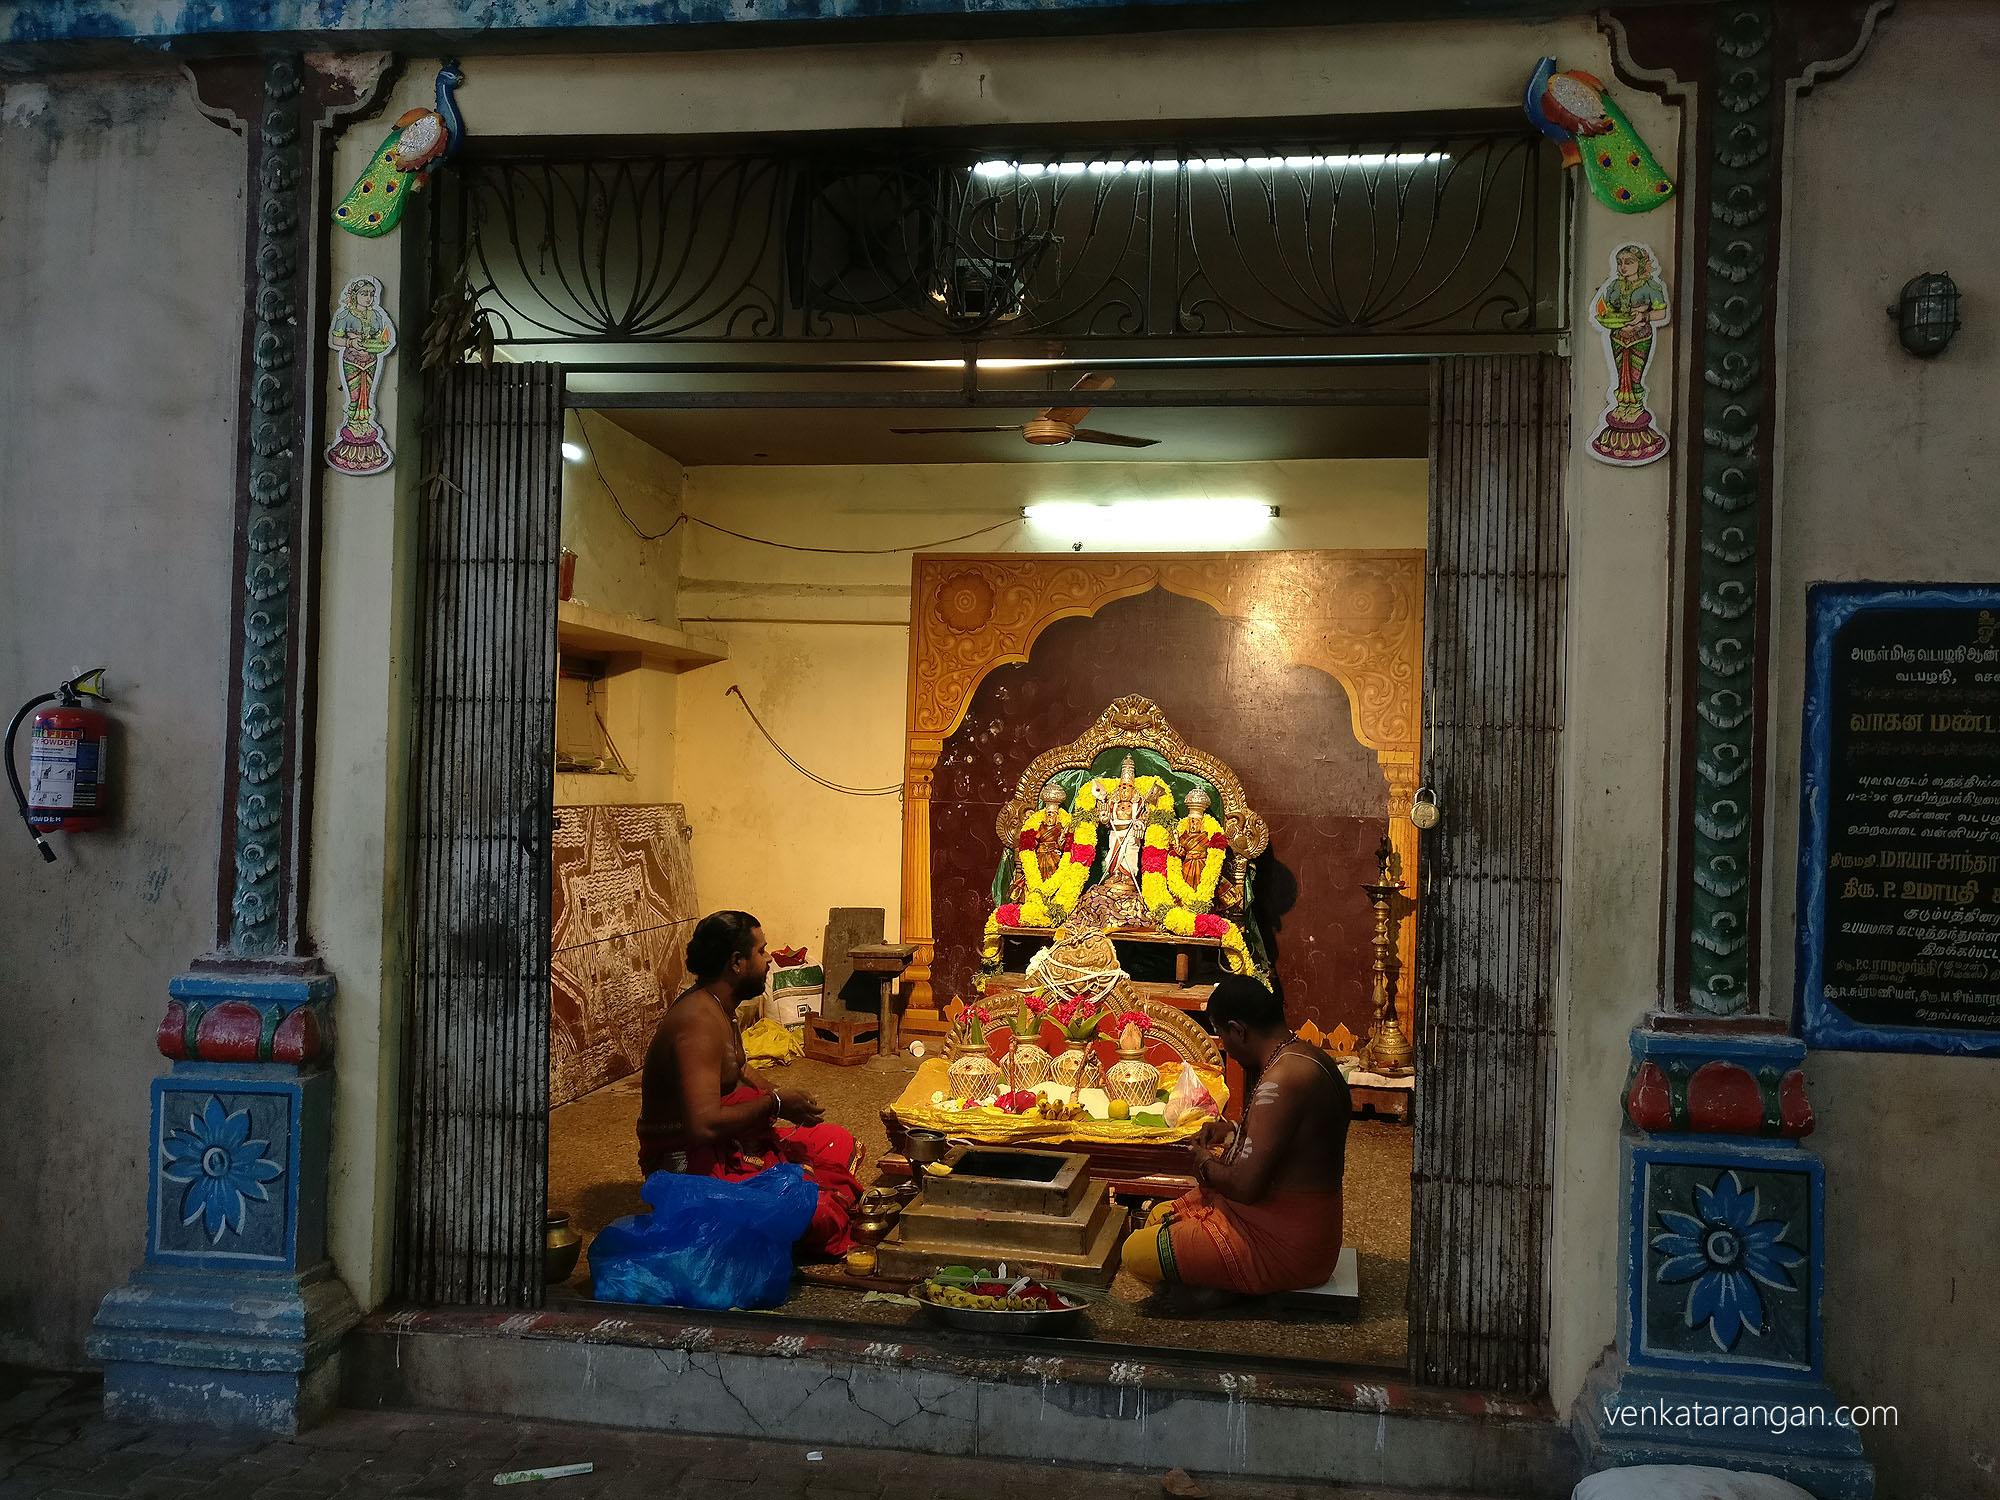 Daily Rituals to God & Goddesses idols - உட்சவருக்கு திருக்கல்யாணம்